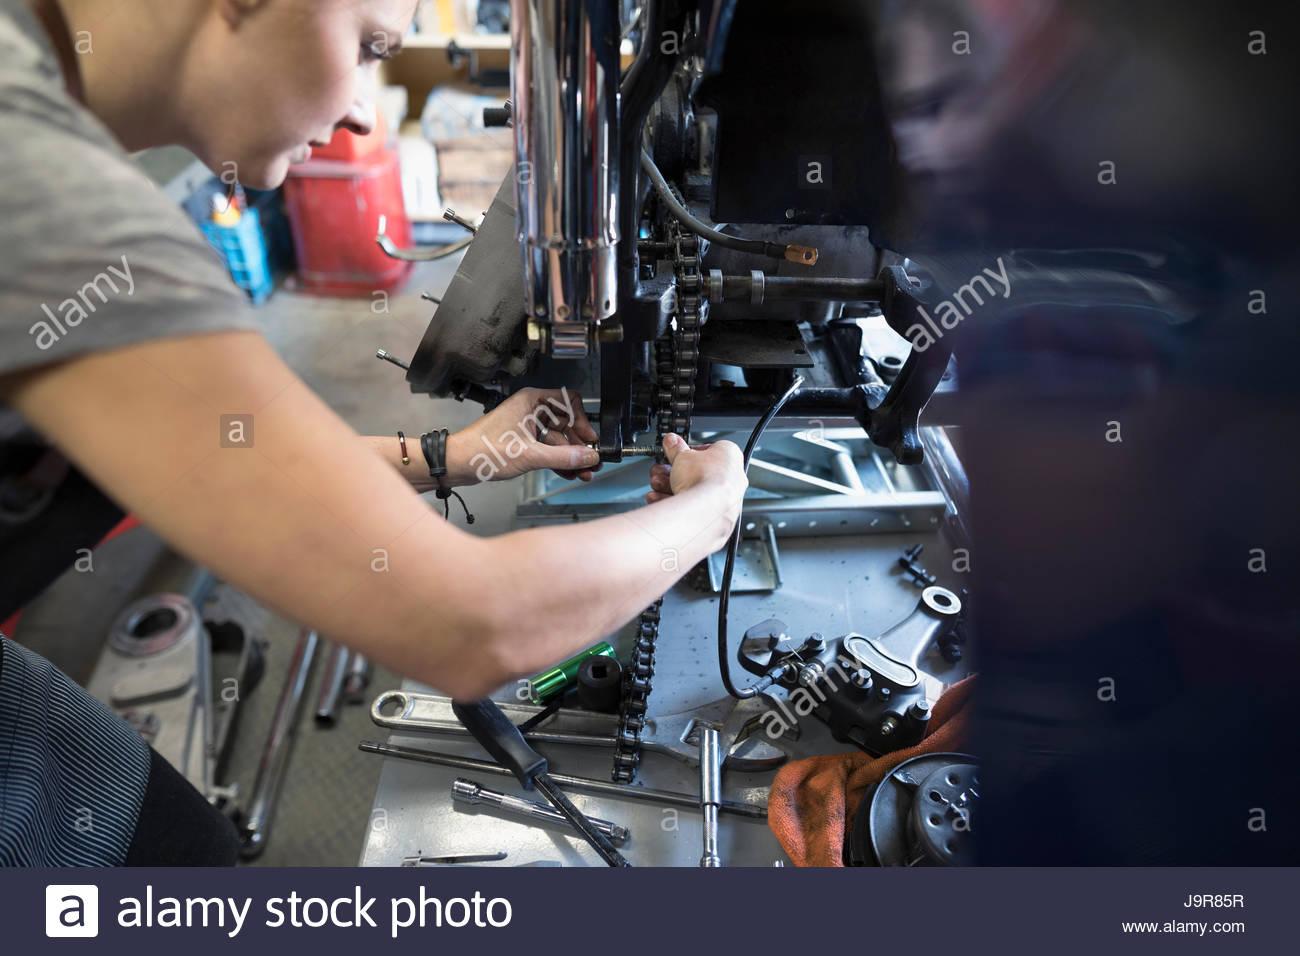 Weibliche Automechaniker Befestigung Motorrad in Autowerkstatt Stockbild